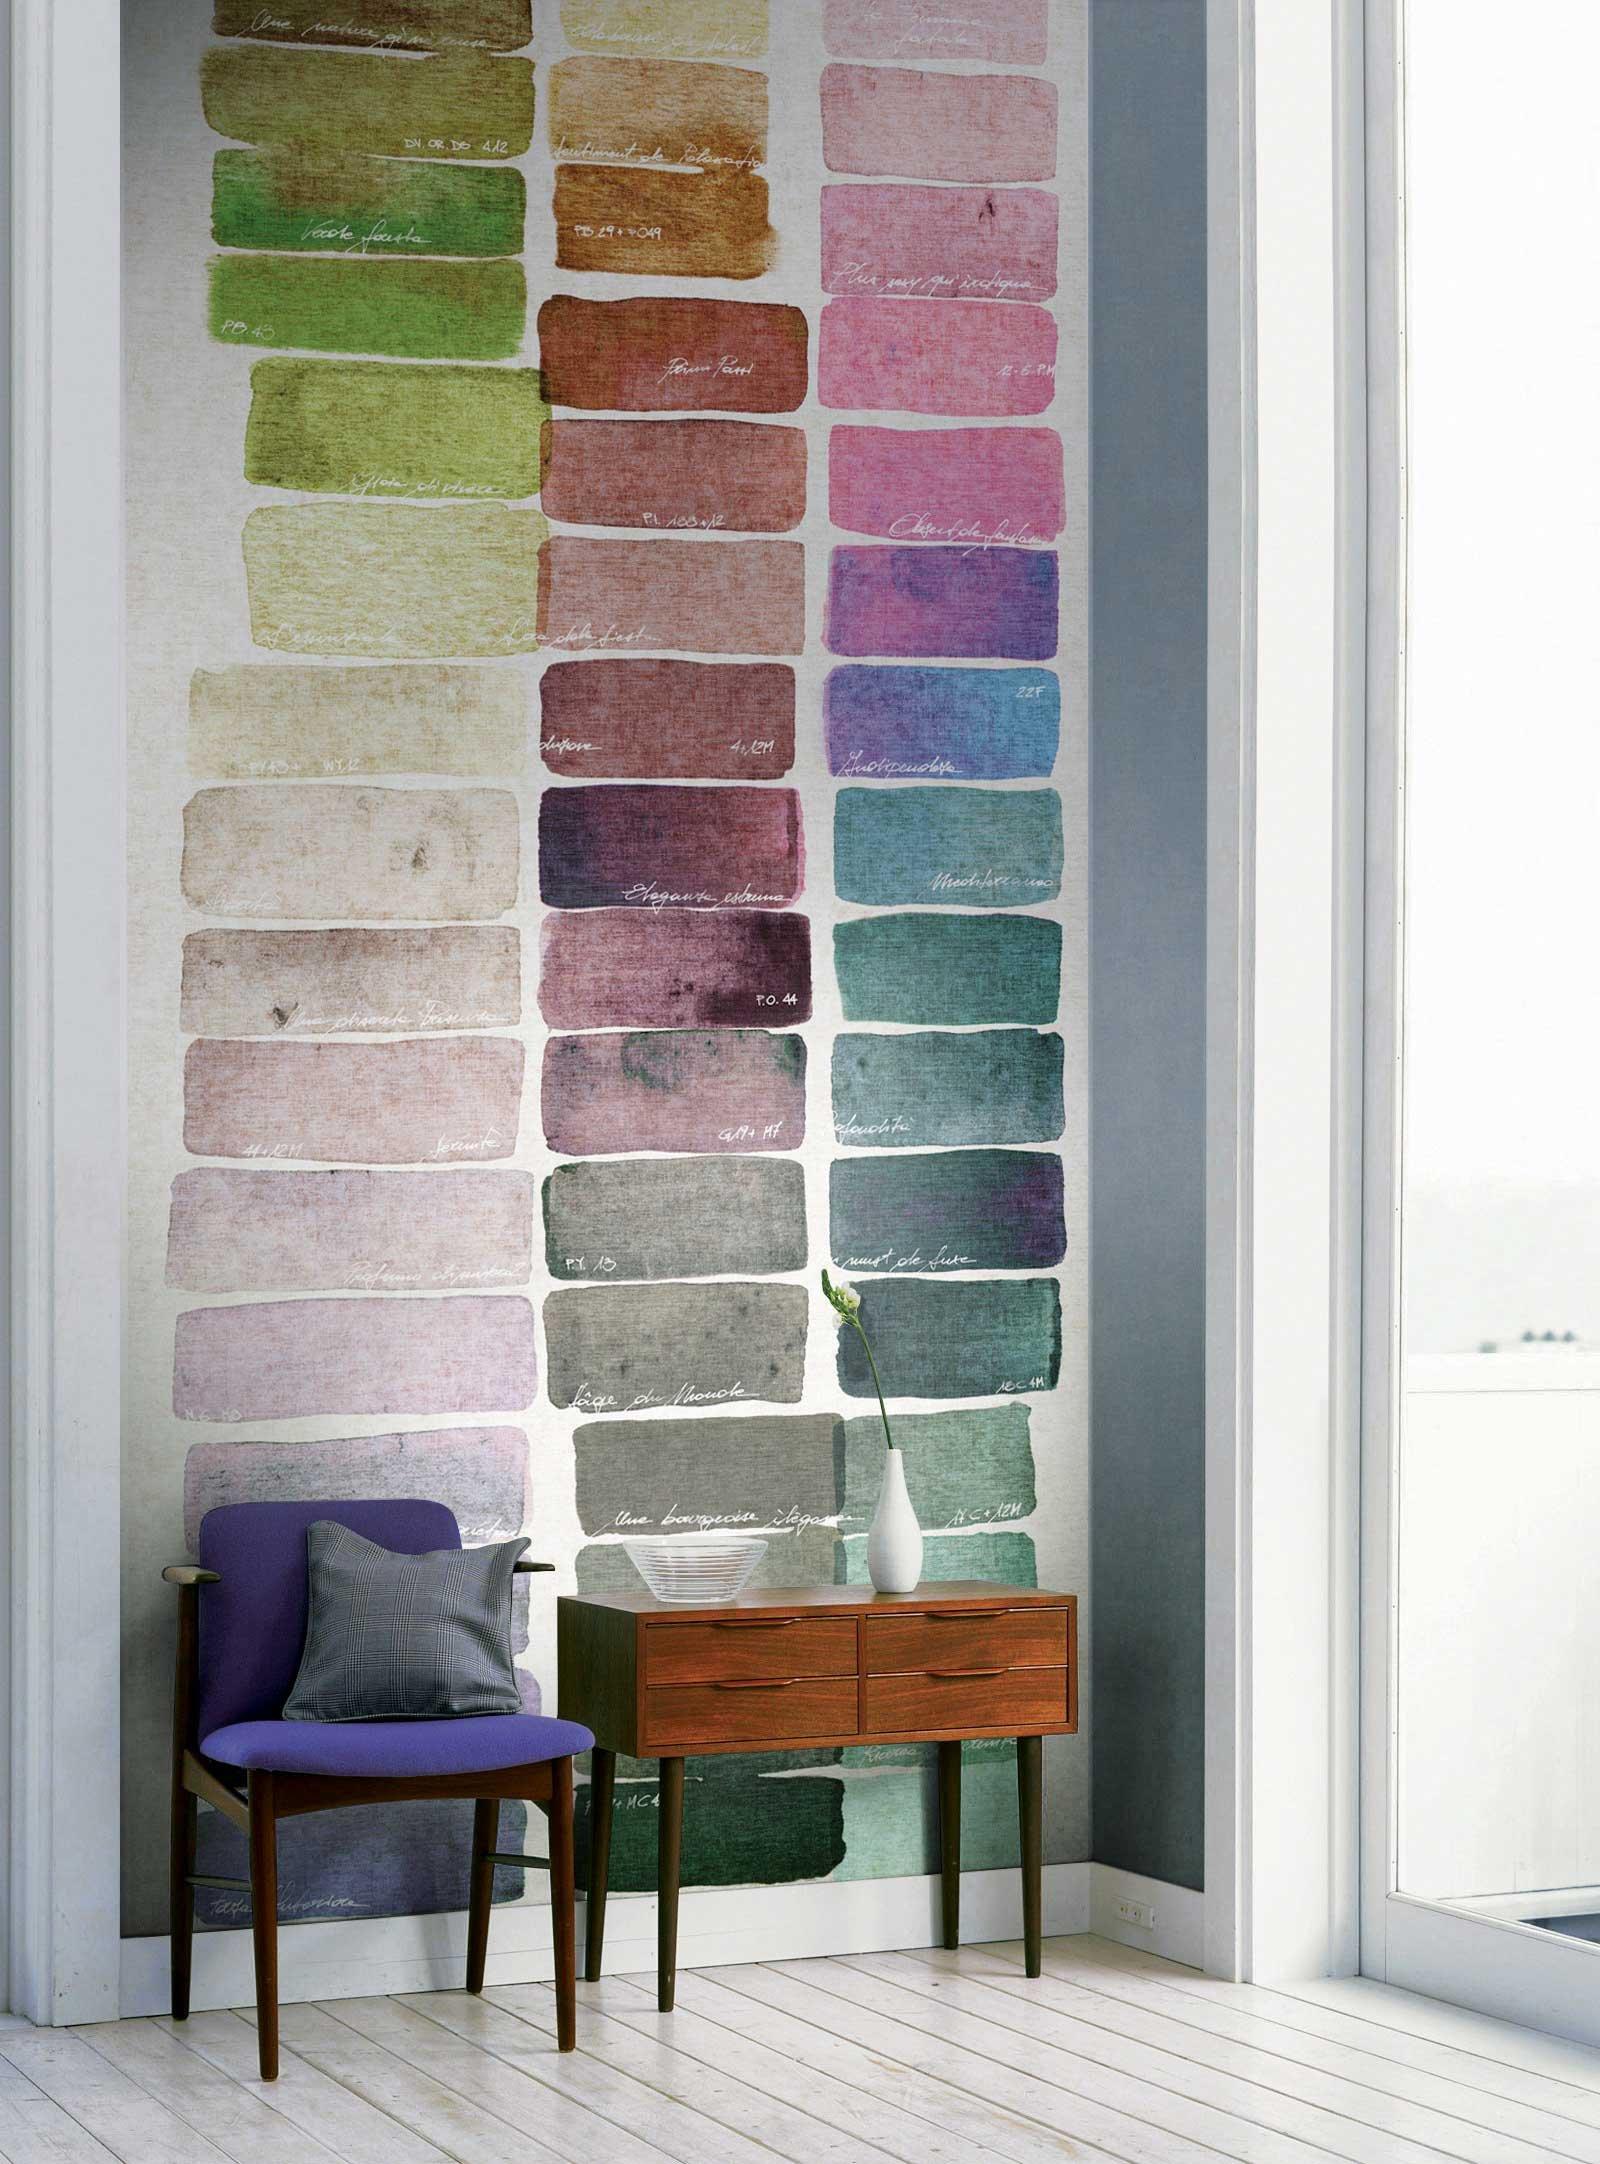 Carte da parati per arredare le pareti cose di casa - Carta da parati per porte leroy merlin ...